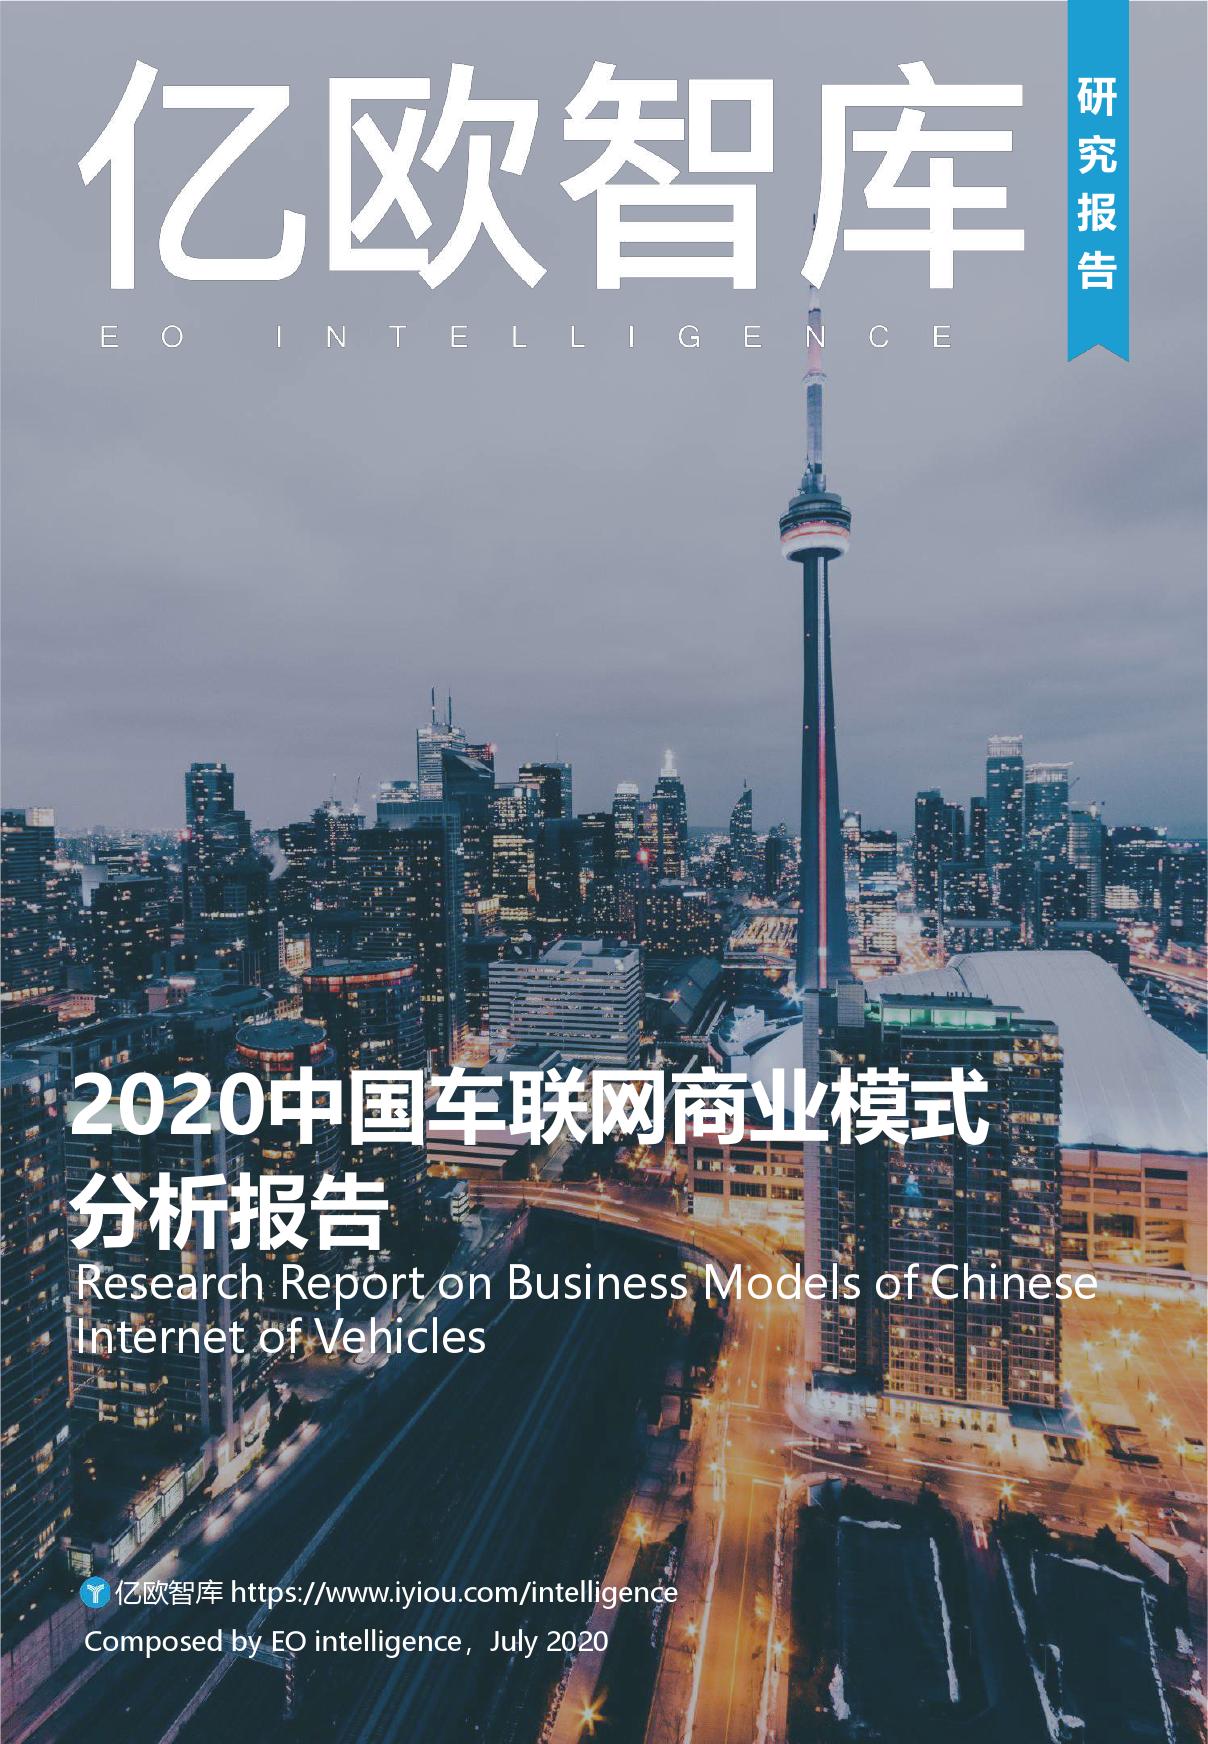 亿欧智库:2020中国车联网商业模式分析报告(附下载)